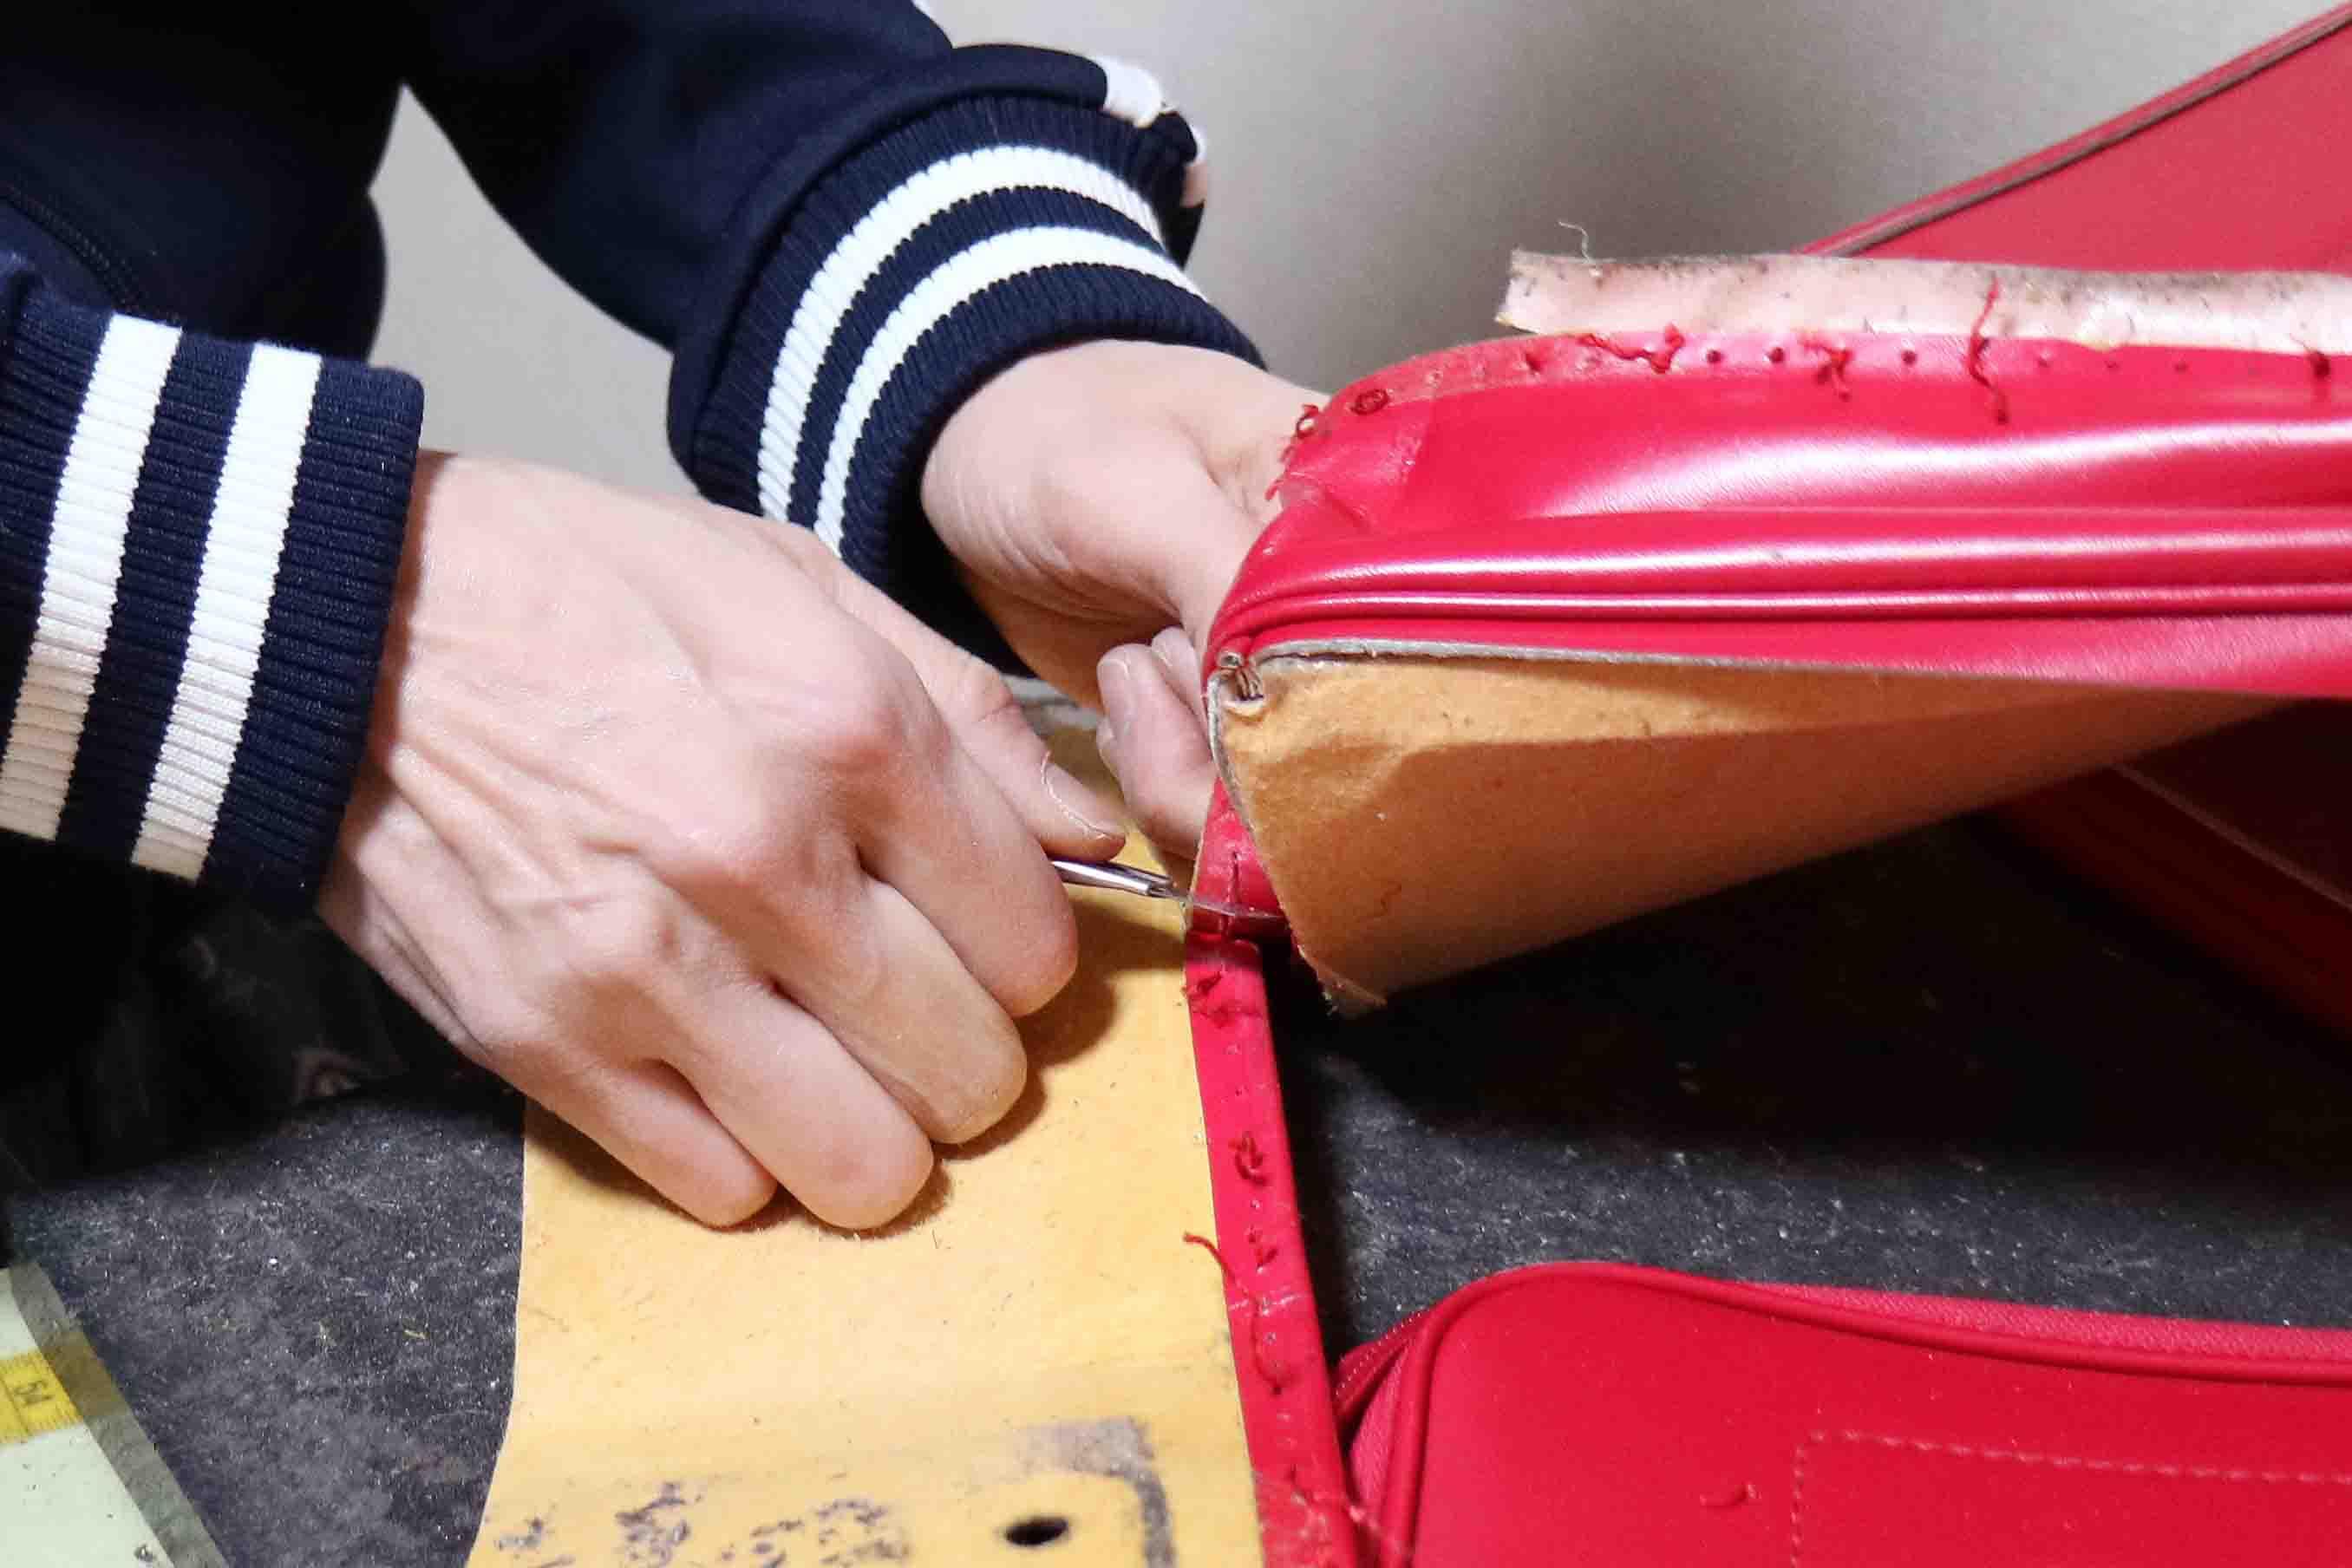 糸を切ることで、革に開けられた糸穴を残しておく。この穴を生かして、最後に手縫いで仕上げると元の雰囲気を残せるのだそう